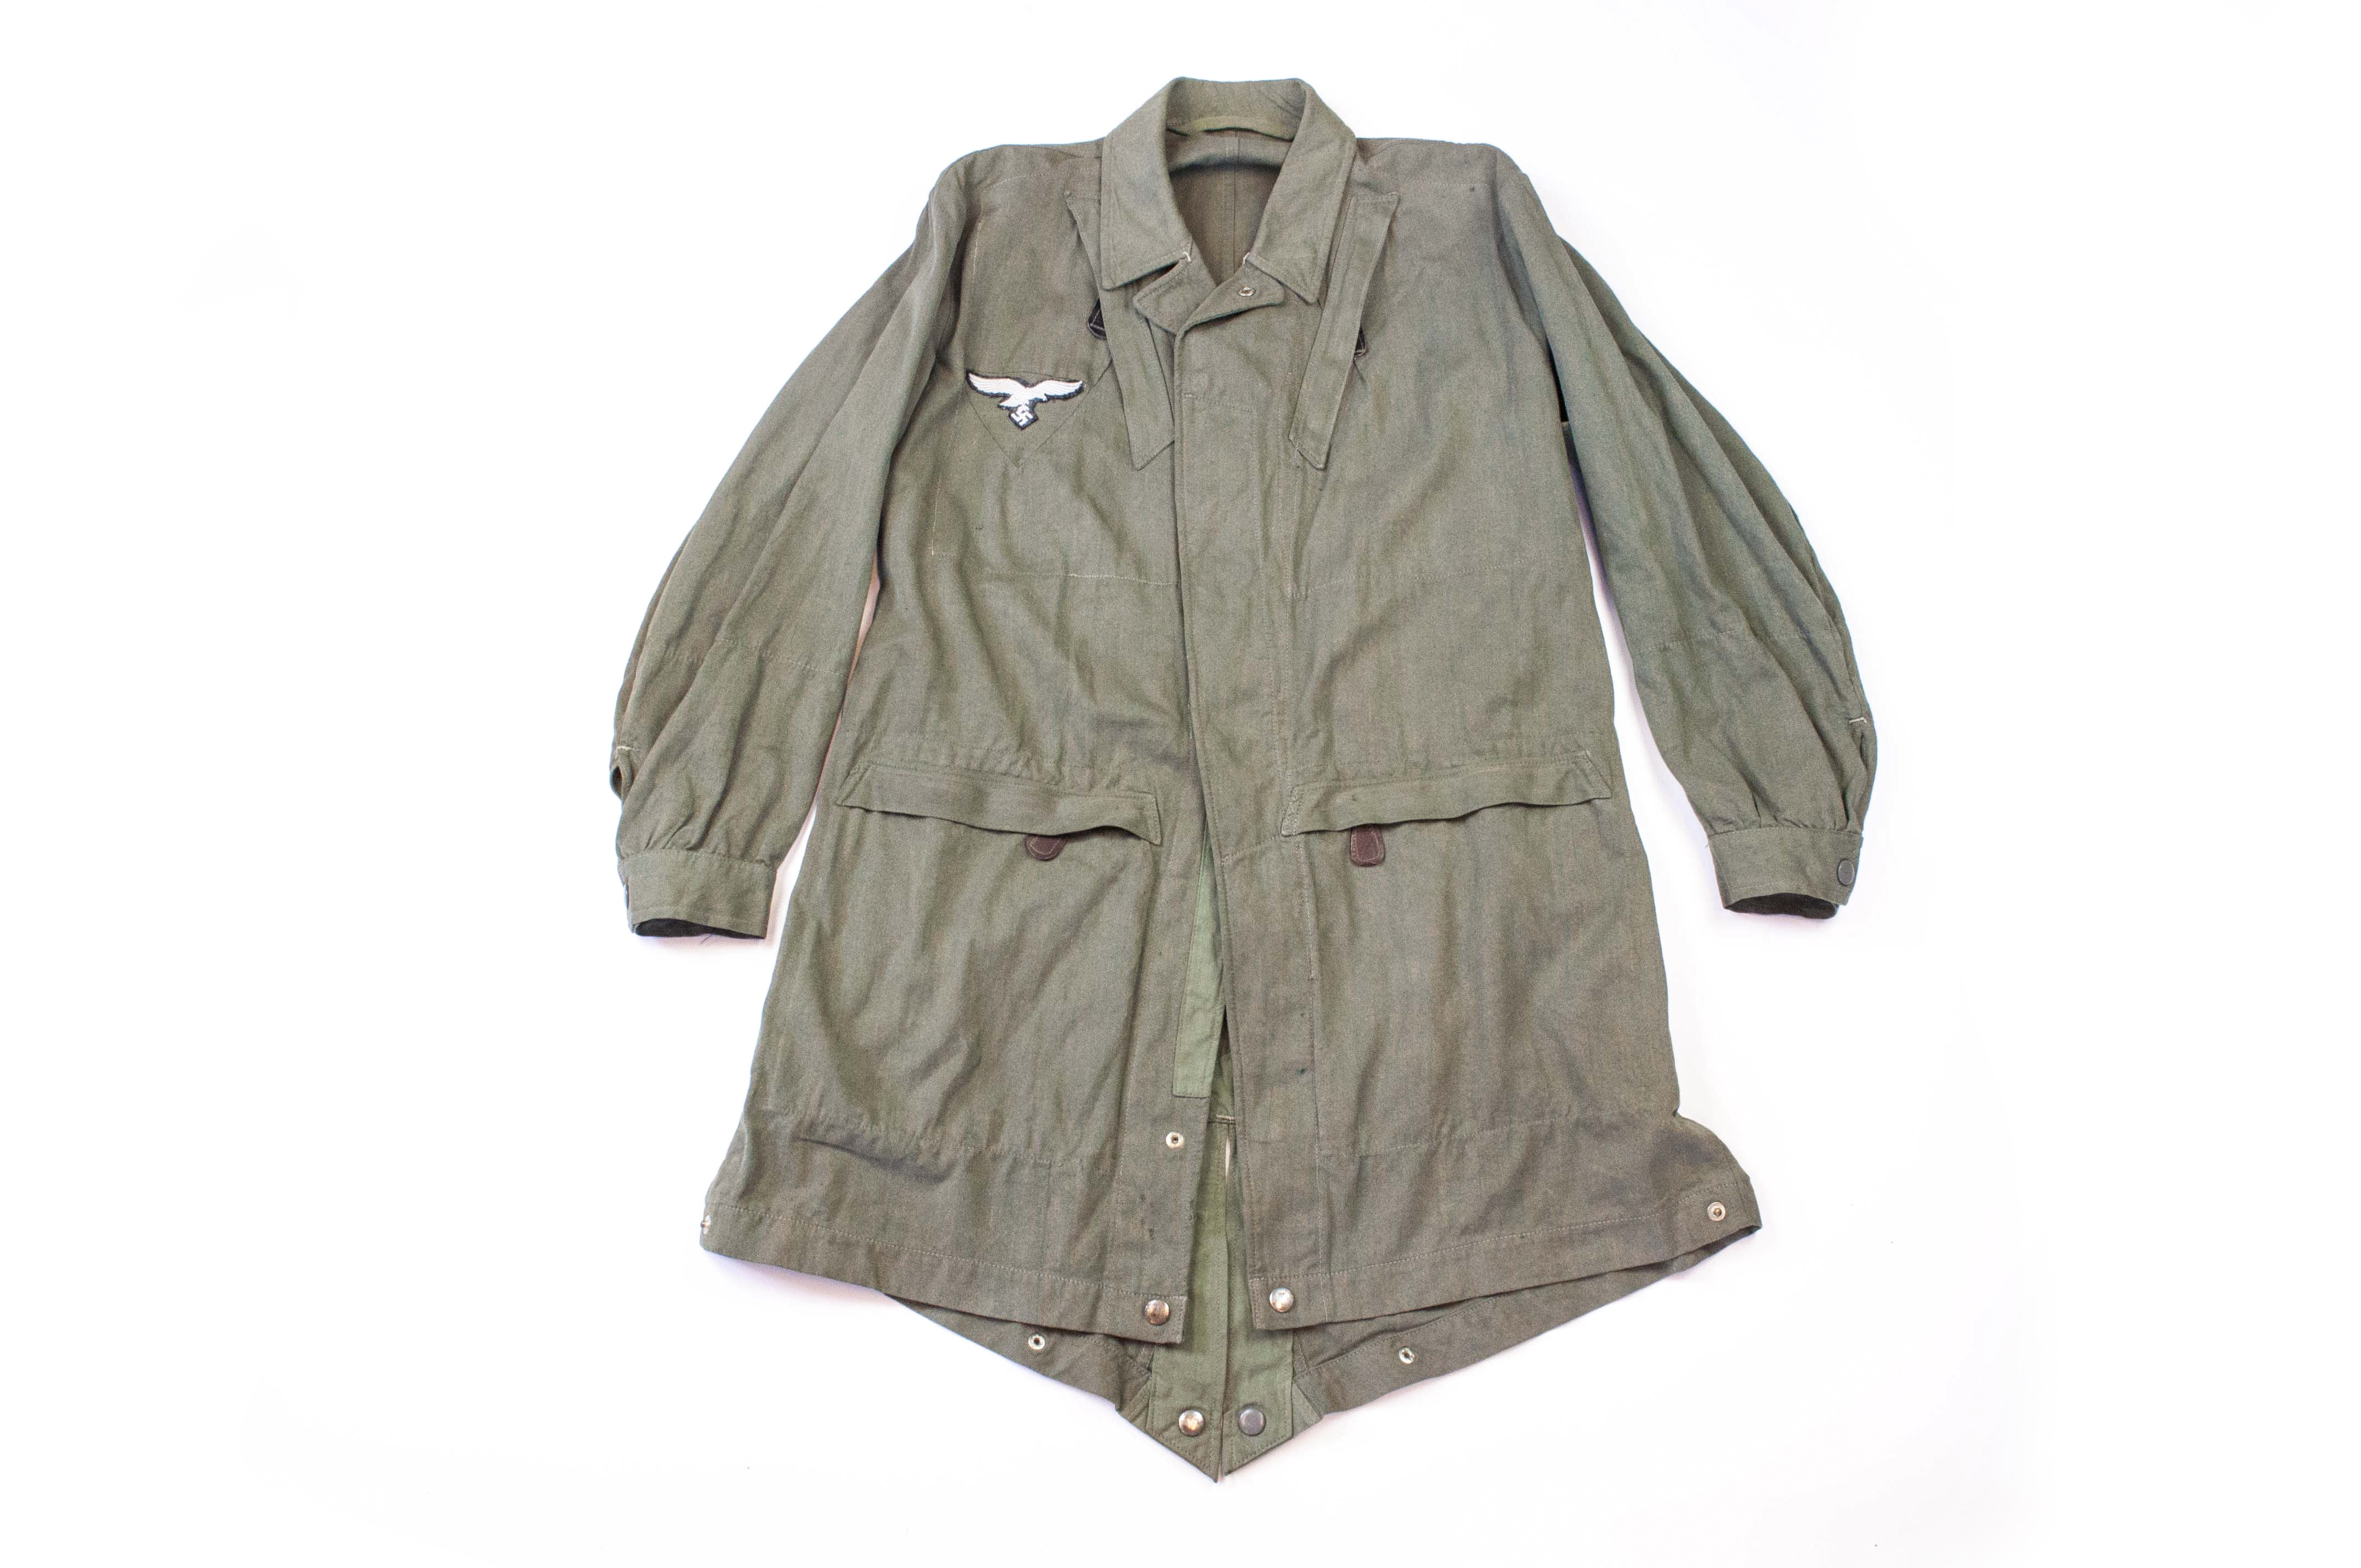 Paratrooper smock - Knochensack - Grünmeliert - Converted